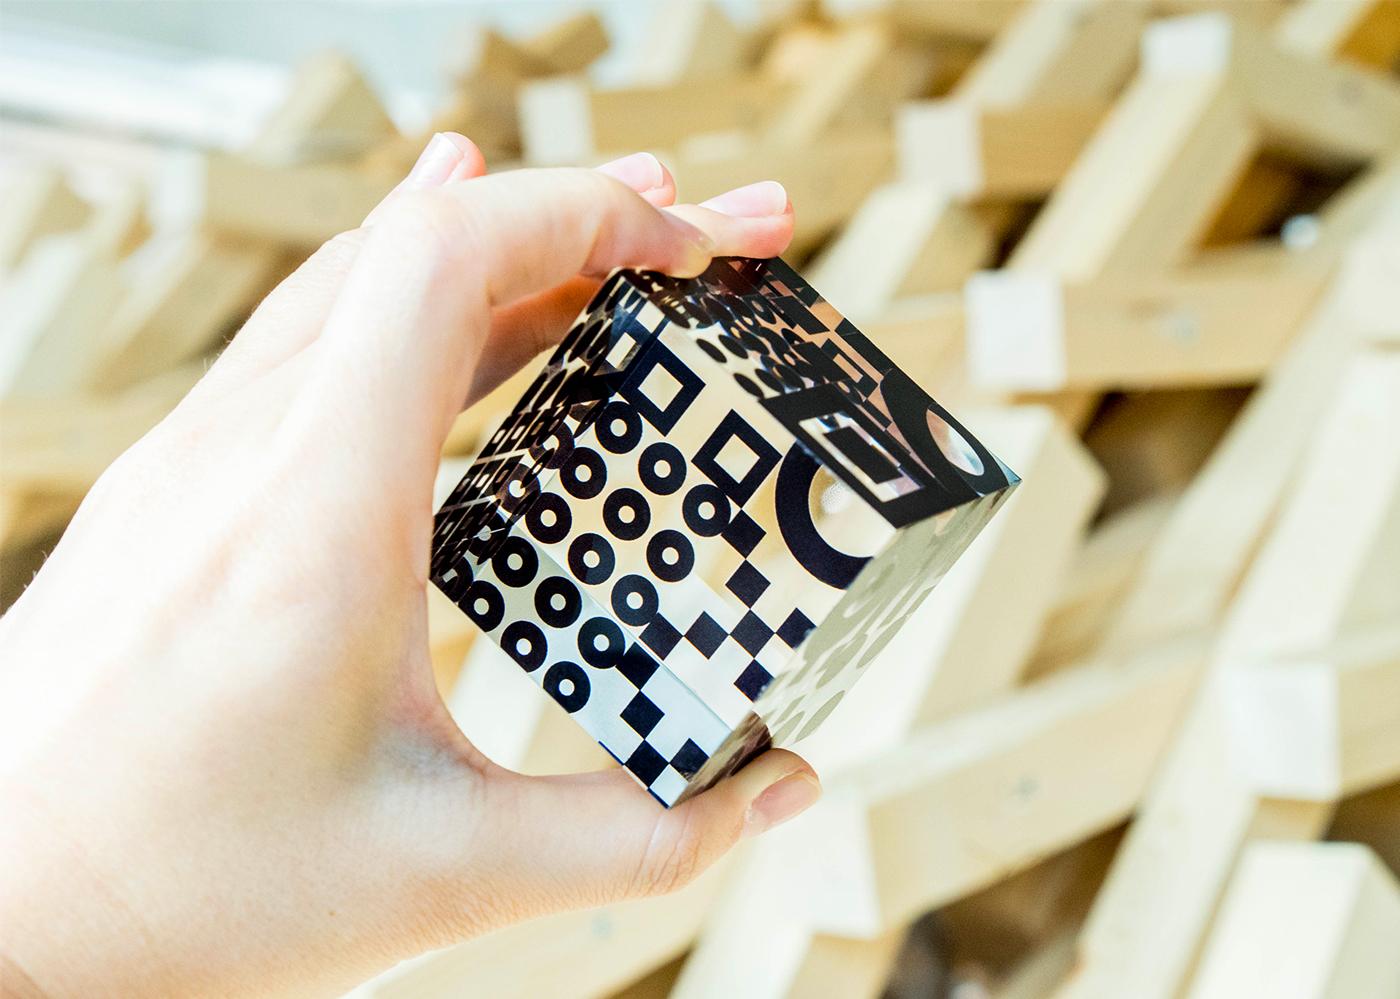 MTRL KYOTO 日本创意工作室品牌VIS设计欣赏,所属行业类别:创意、工作室